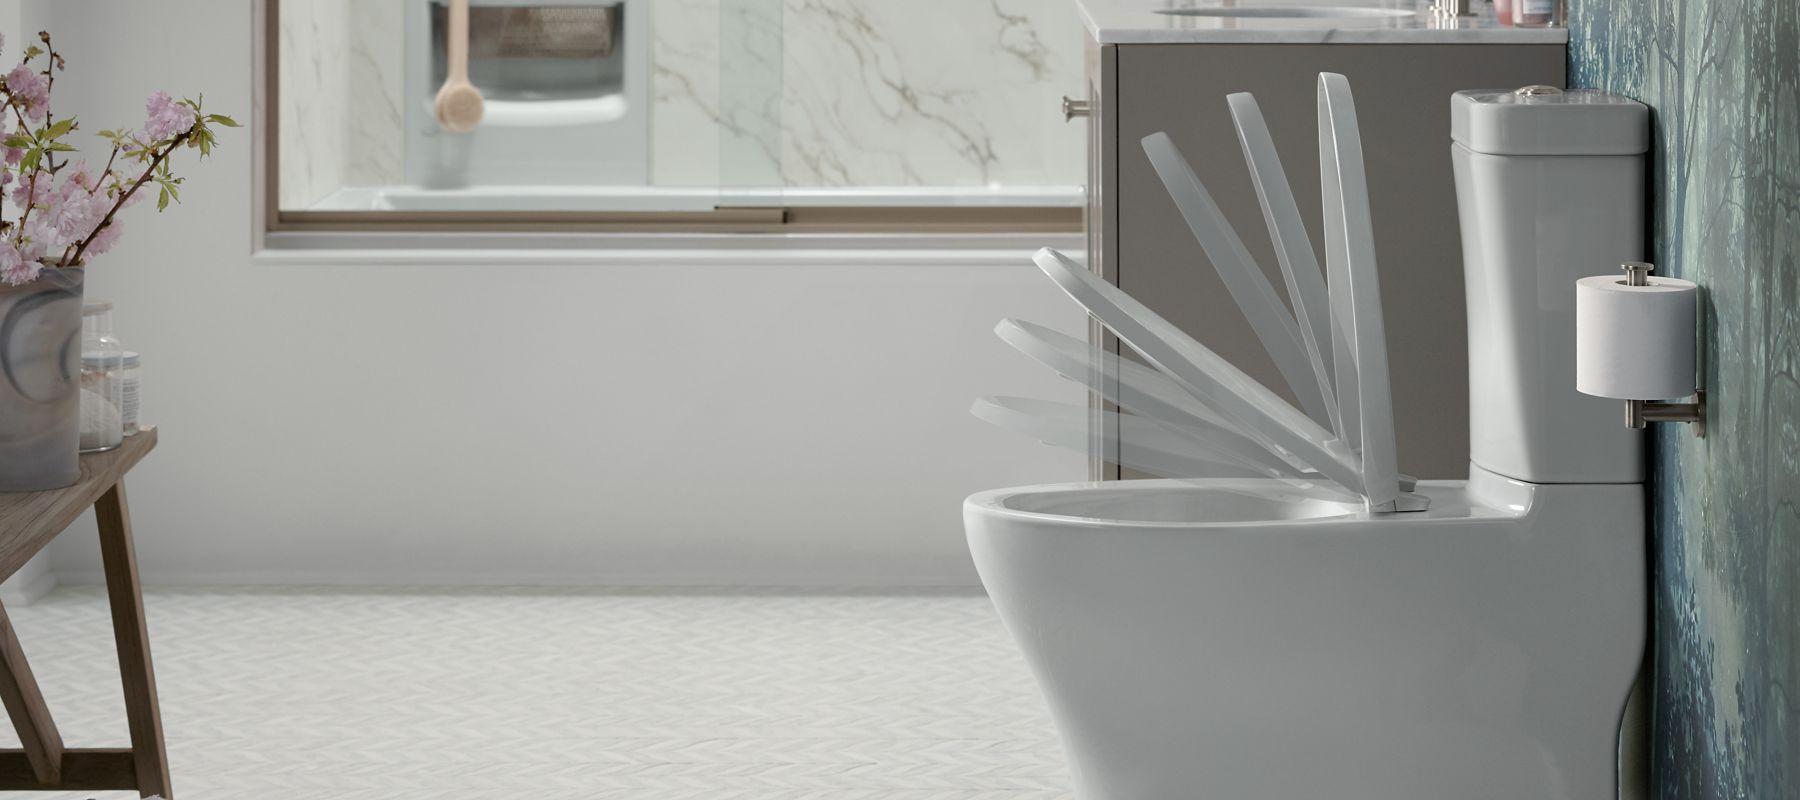 Purefresh Toilet Seats Bathroom Kohler